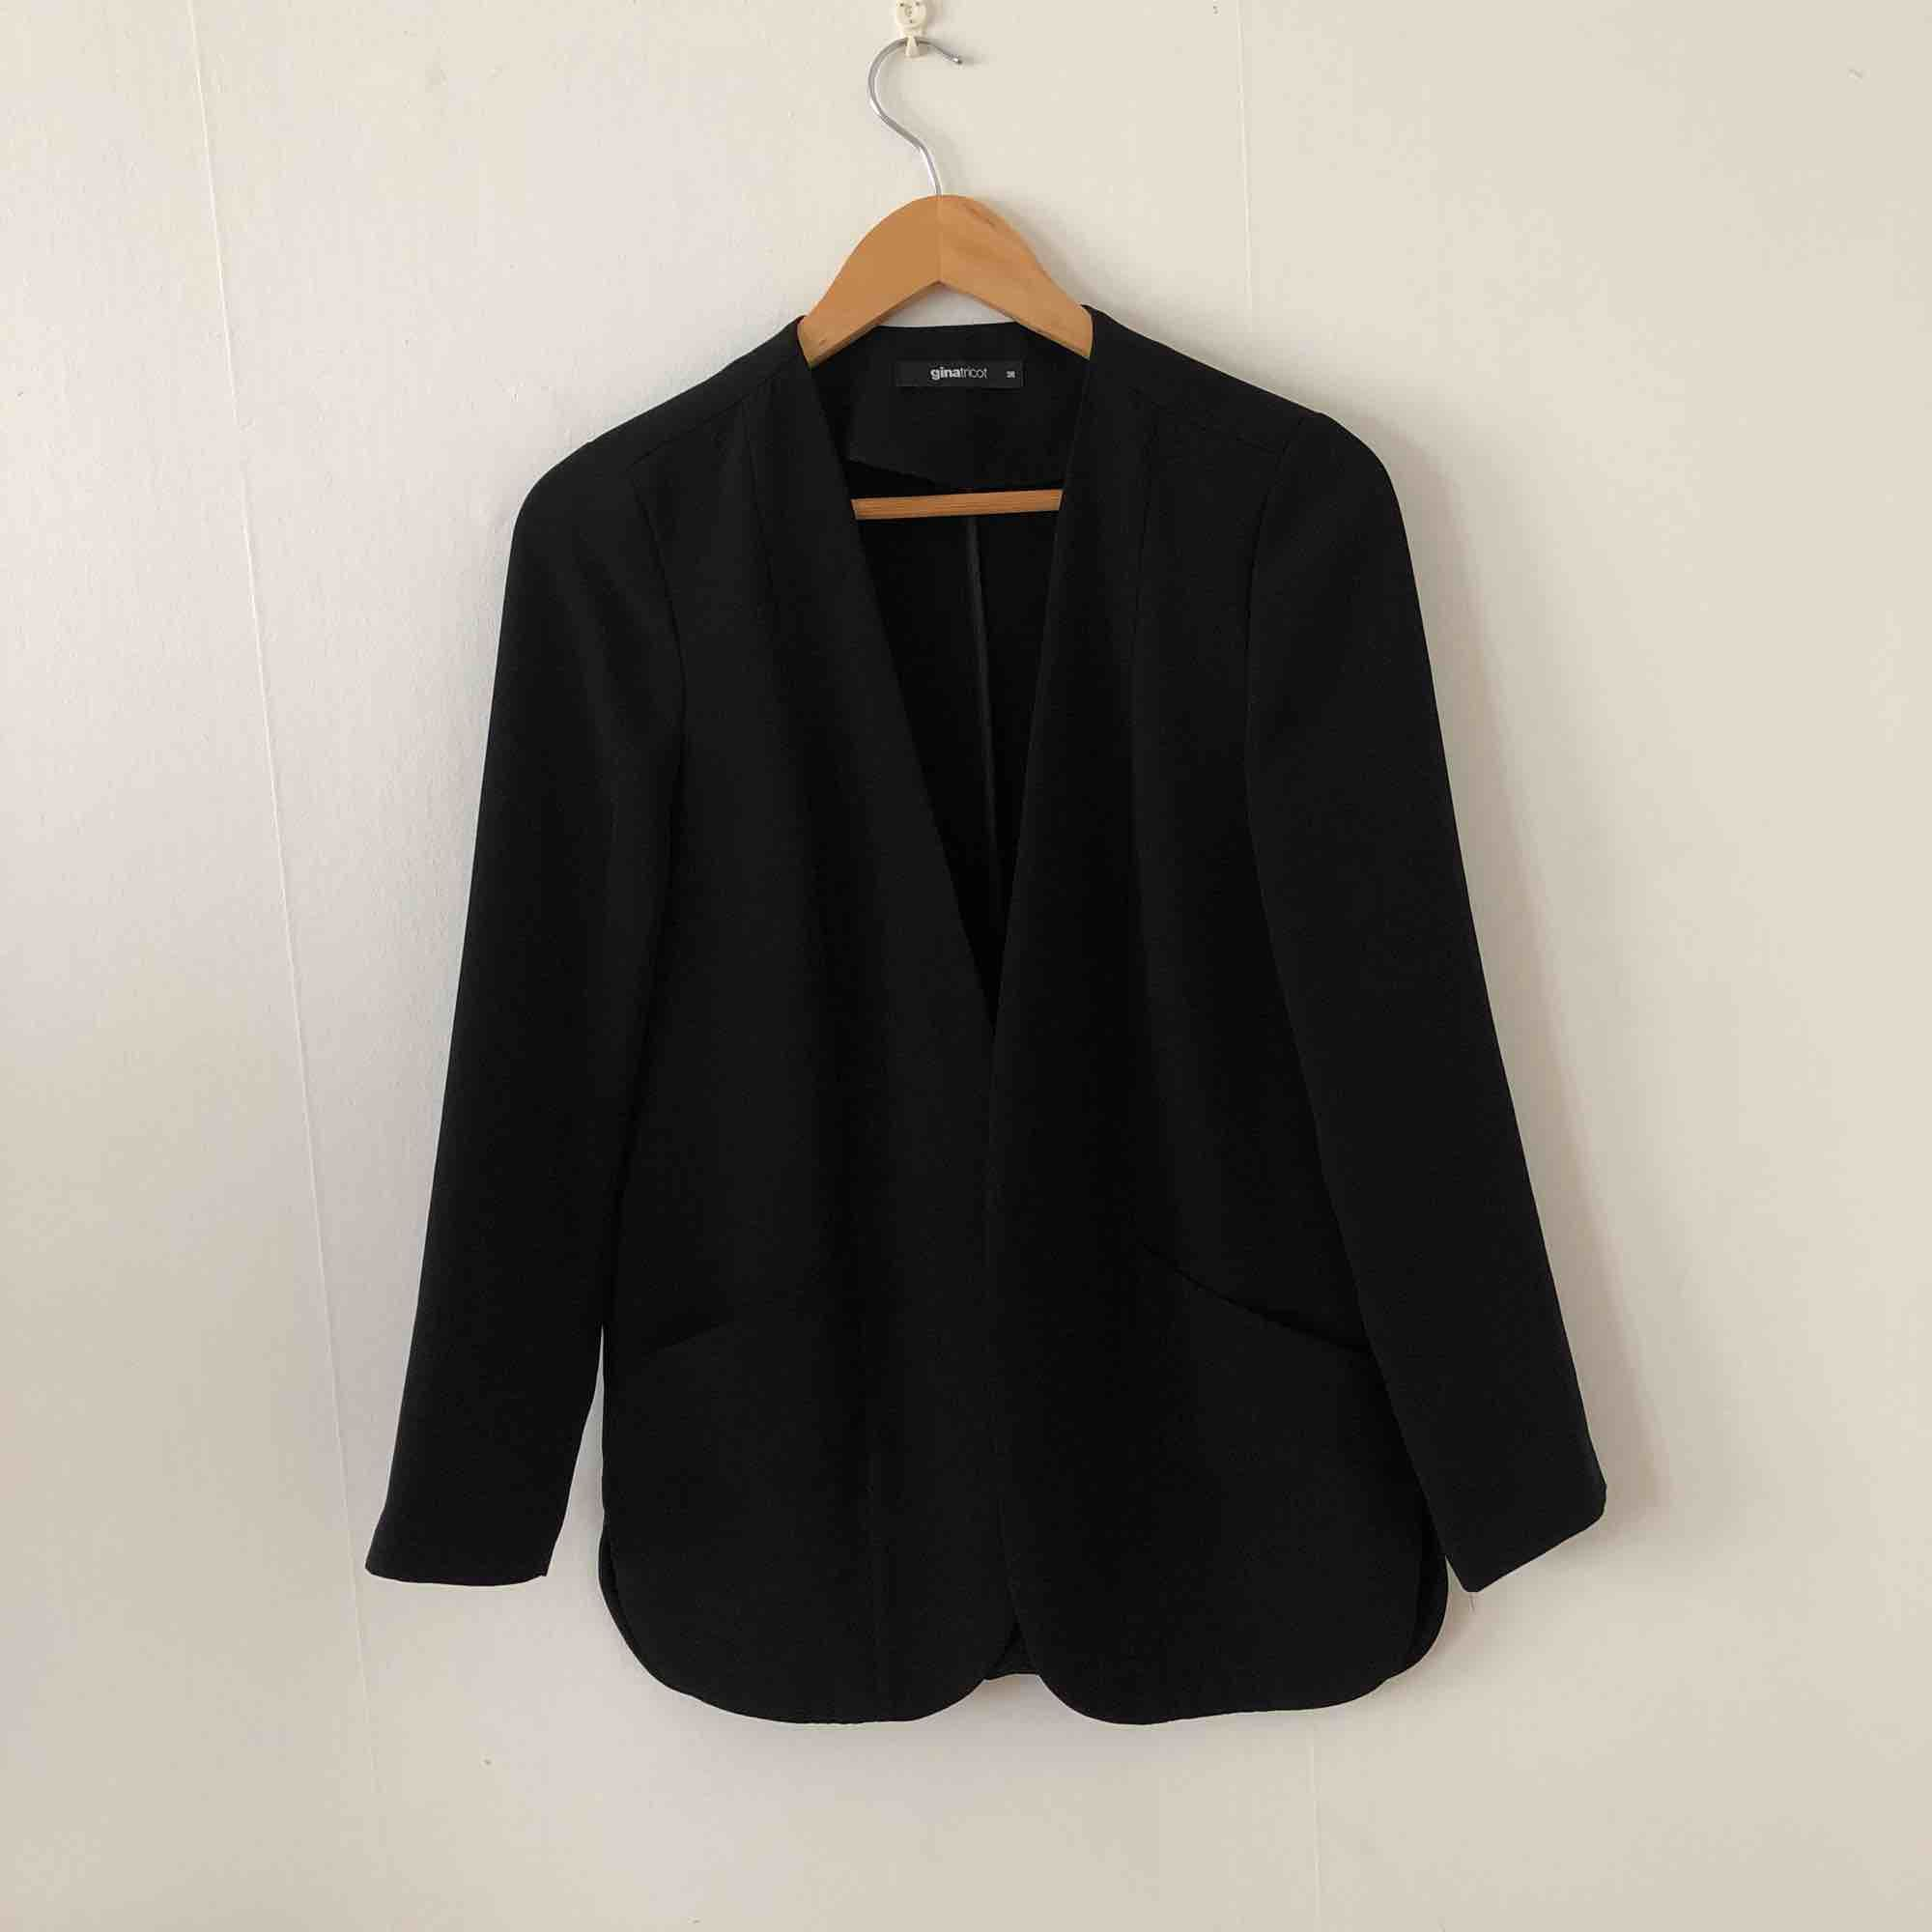 Väldigt enkel och skön kavaj i storlek 38 med fickor. Längd: till mitt på höfterna på mig som är 173 cm. Kostymer.